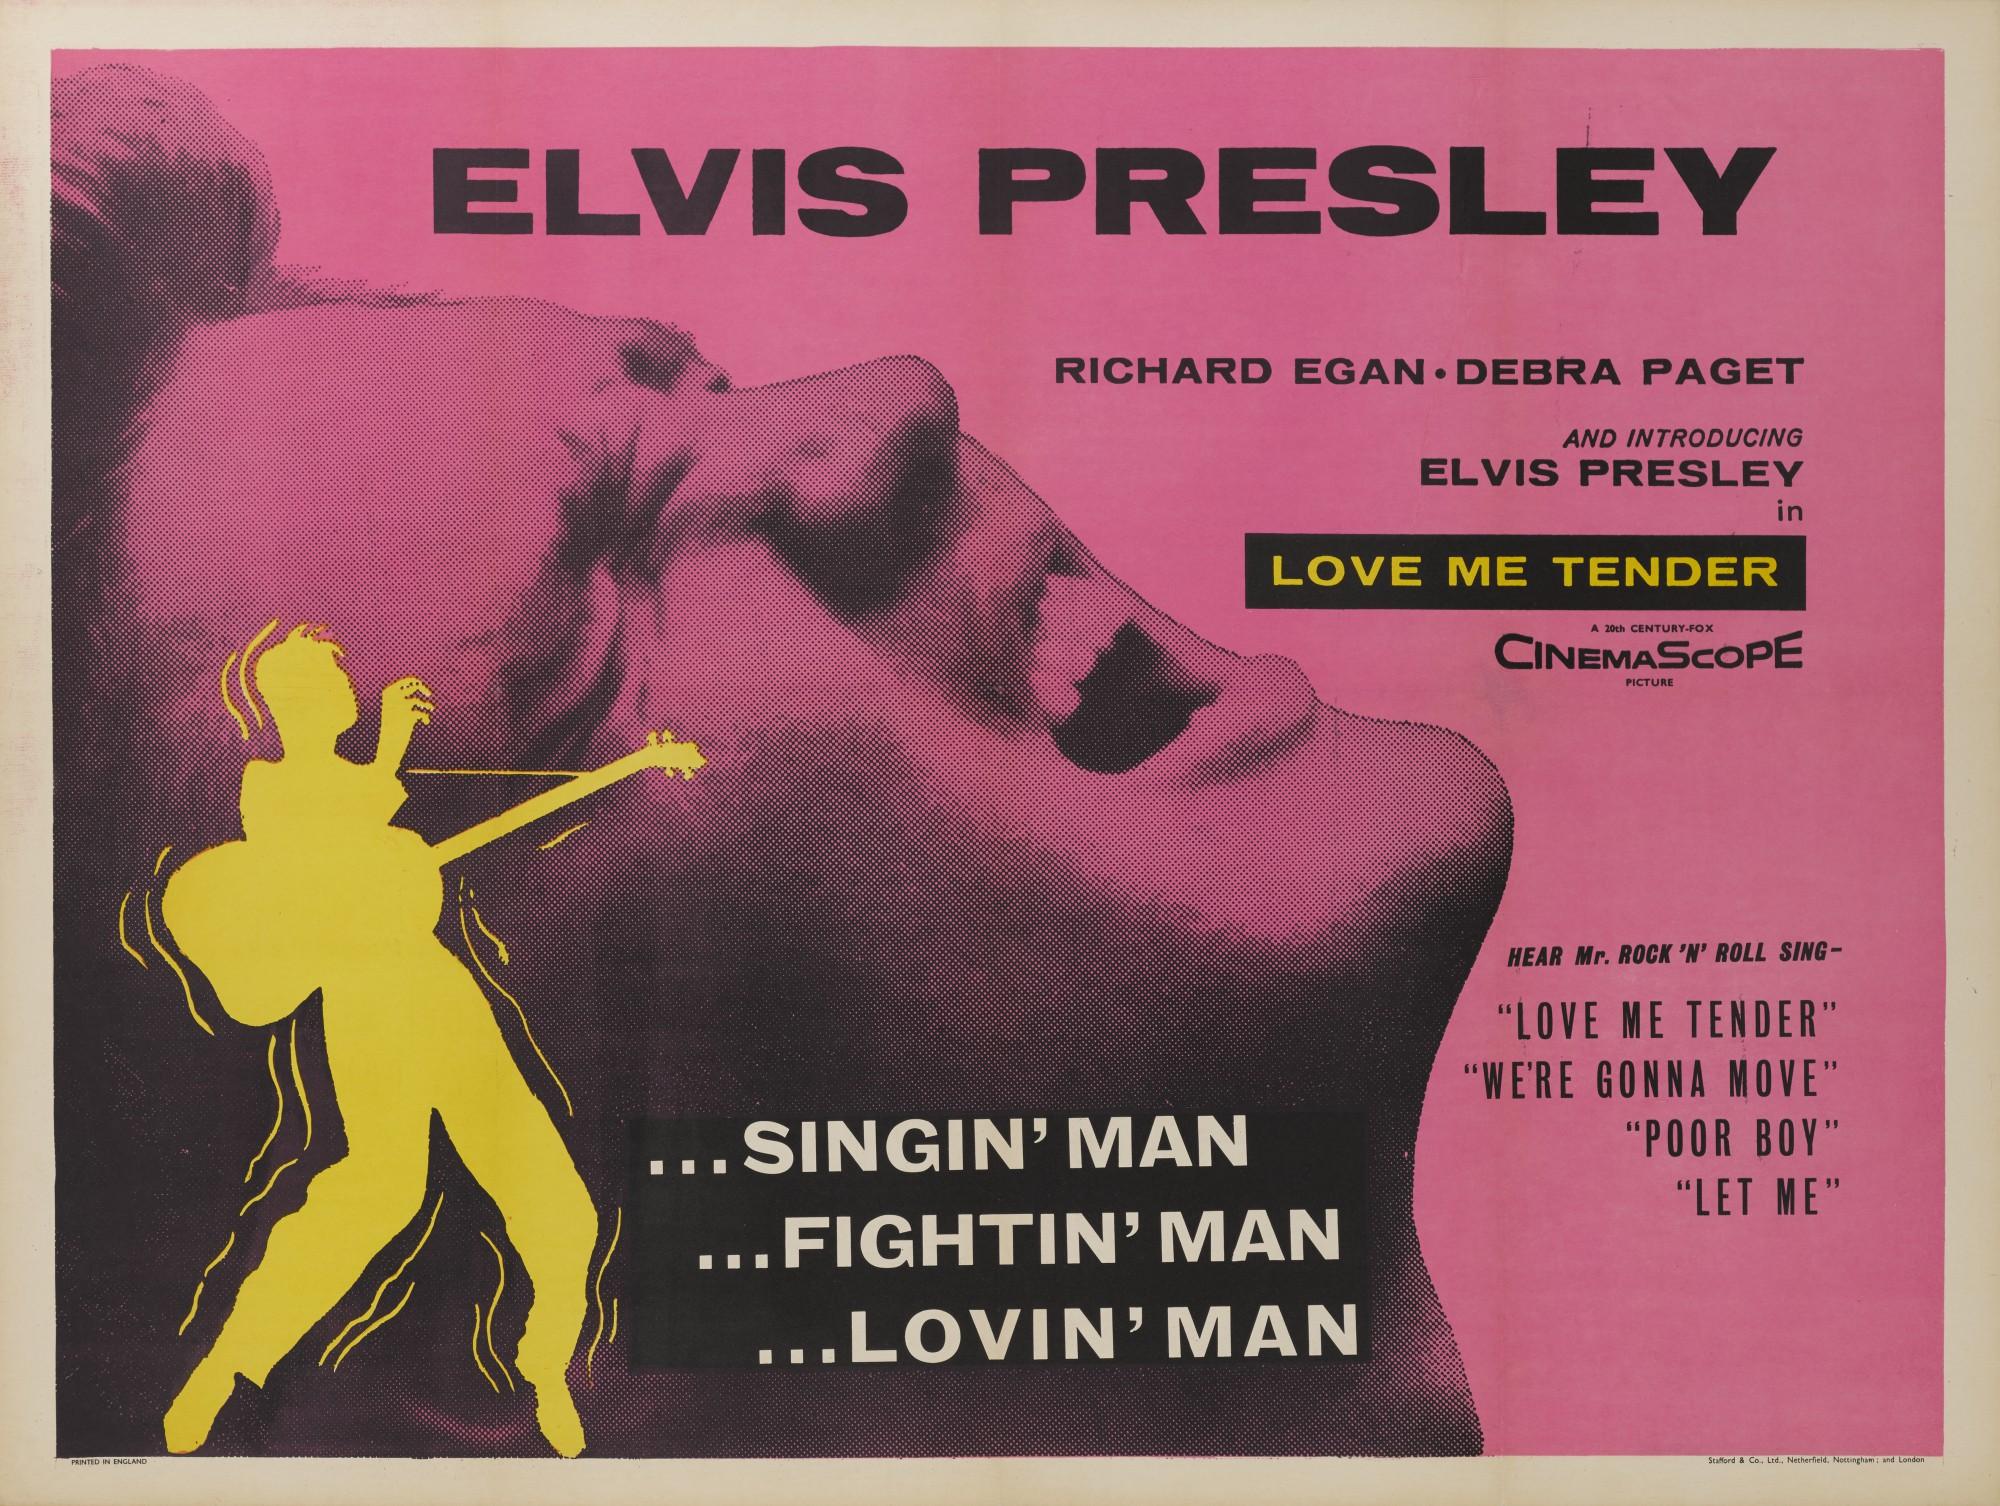 LOVE ME TENDER (1956) POSTER, BRITISH